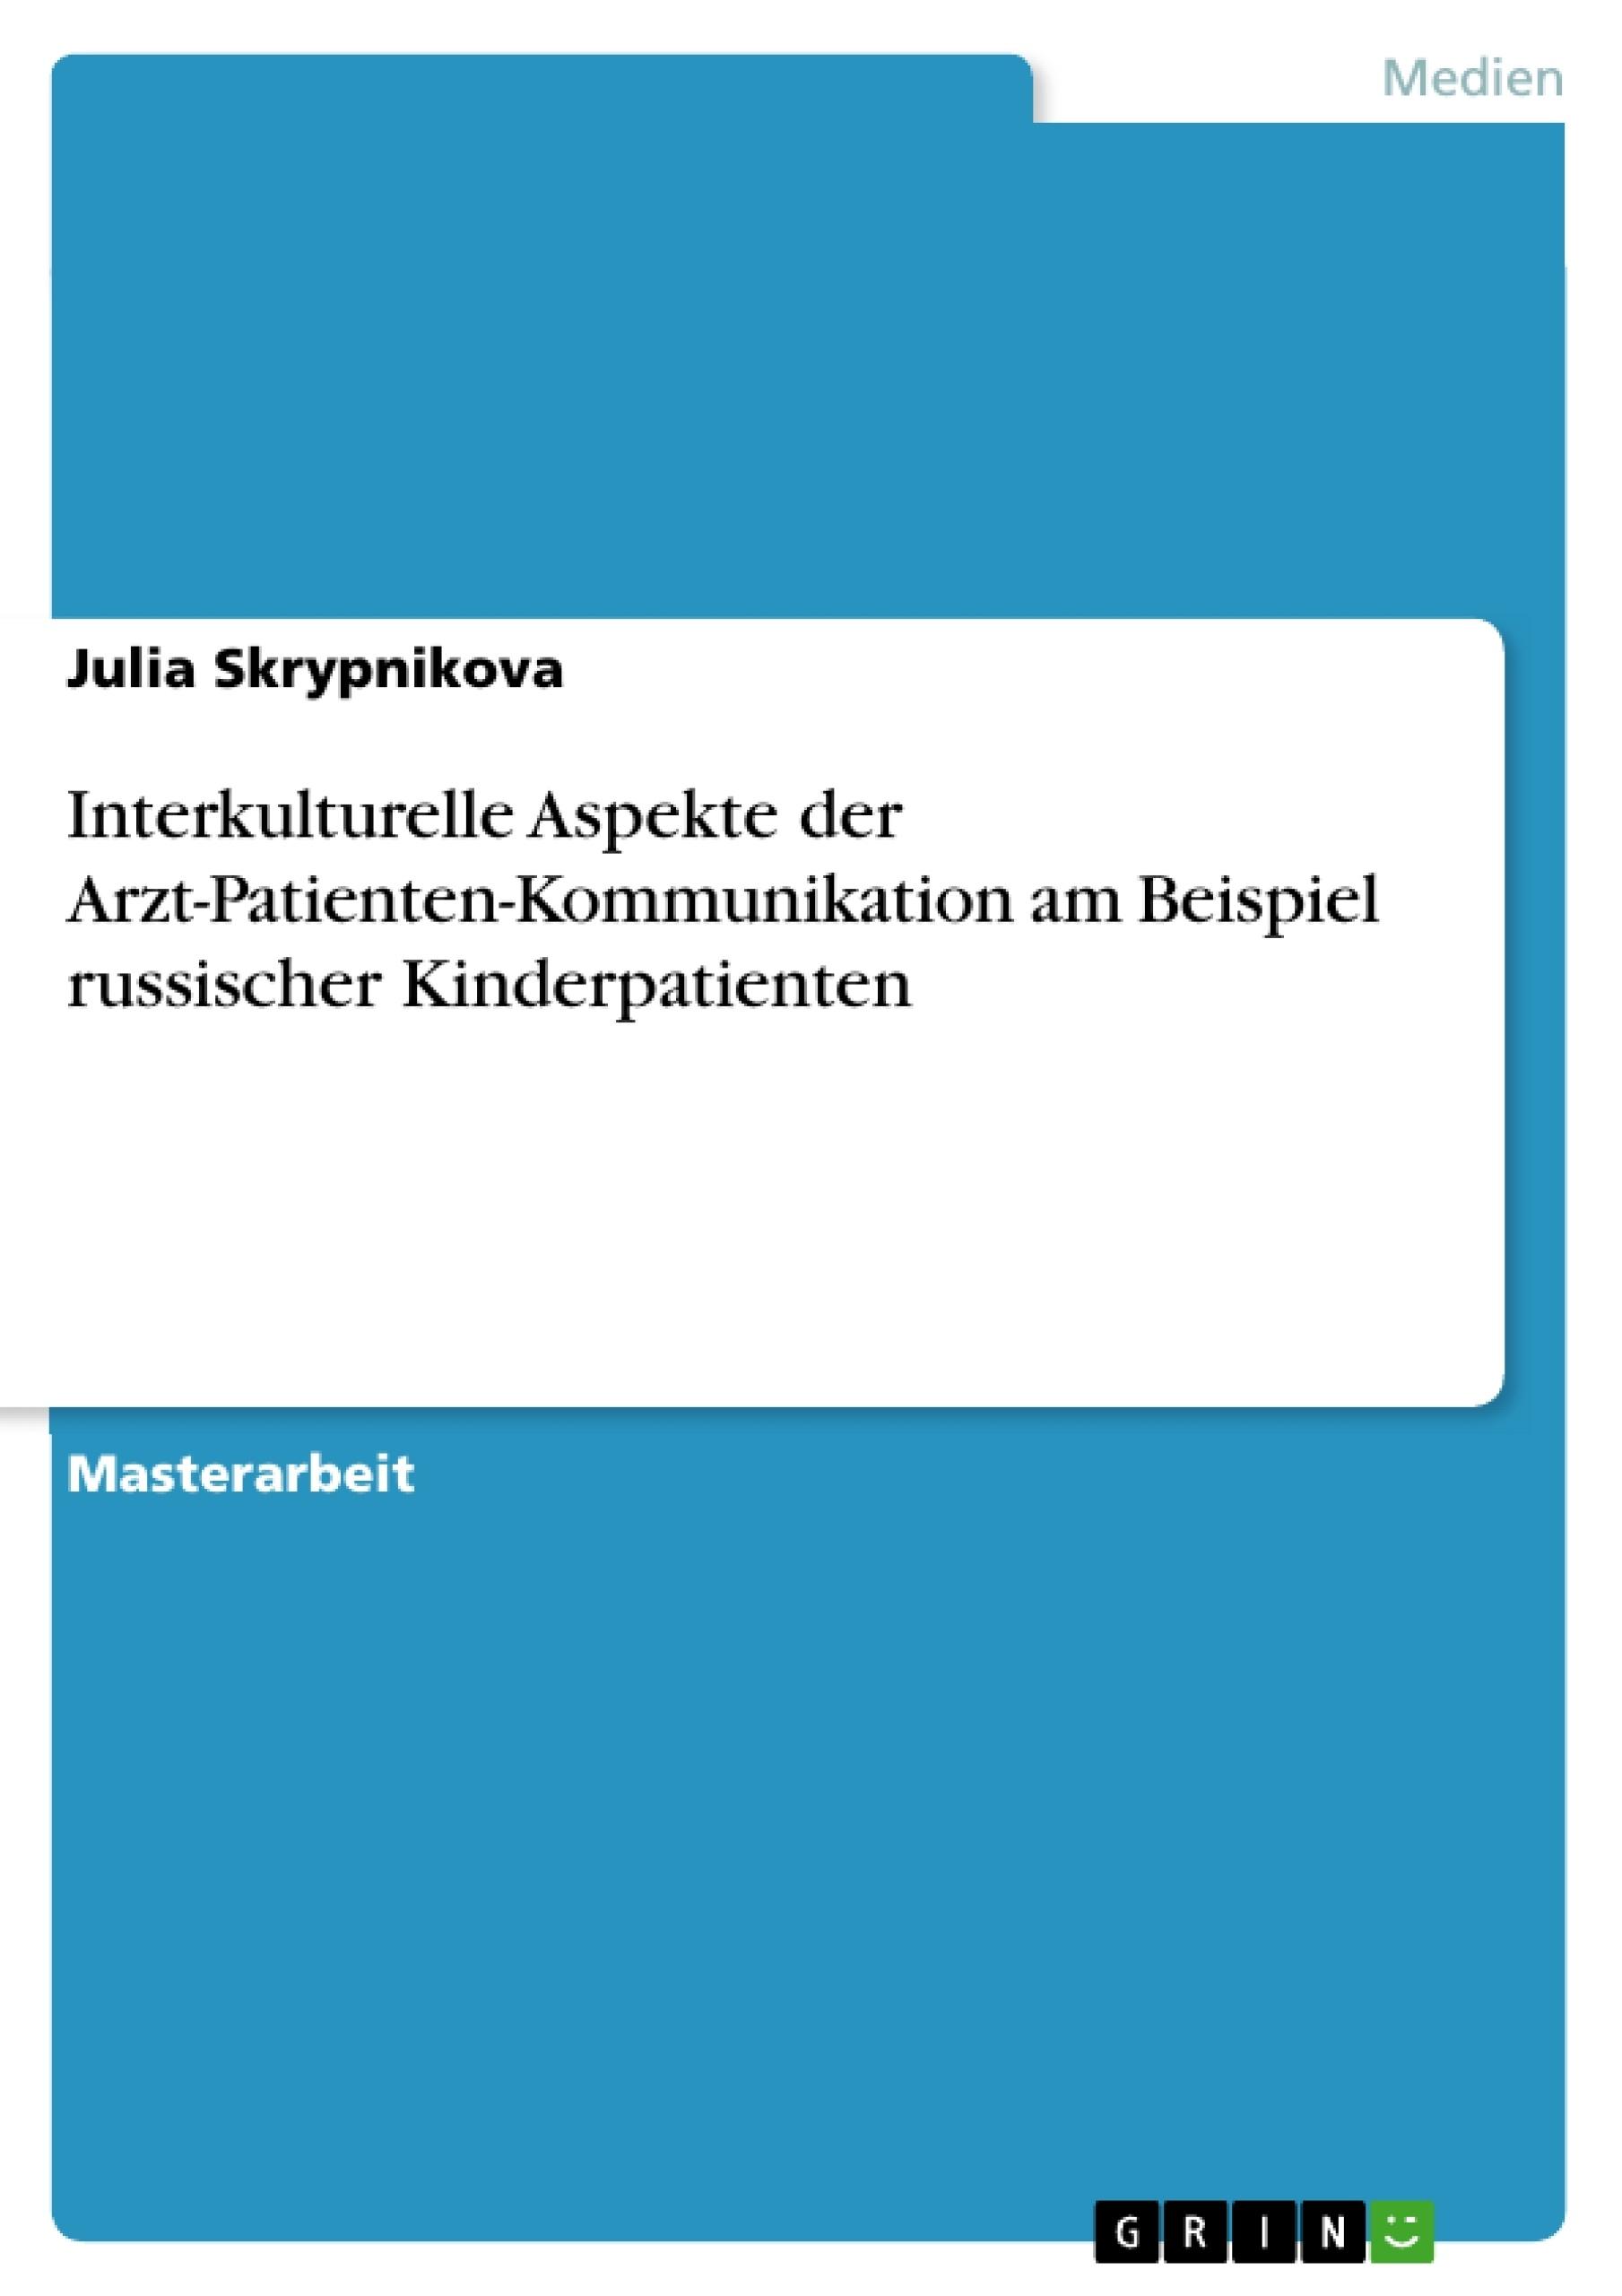 Titel: Interkulturelle Aspekte der Arzt-Patienten-Kommunikation am Beispiel russischer Kinderpatienten